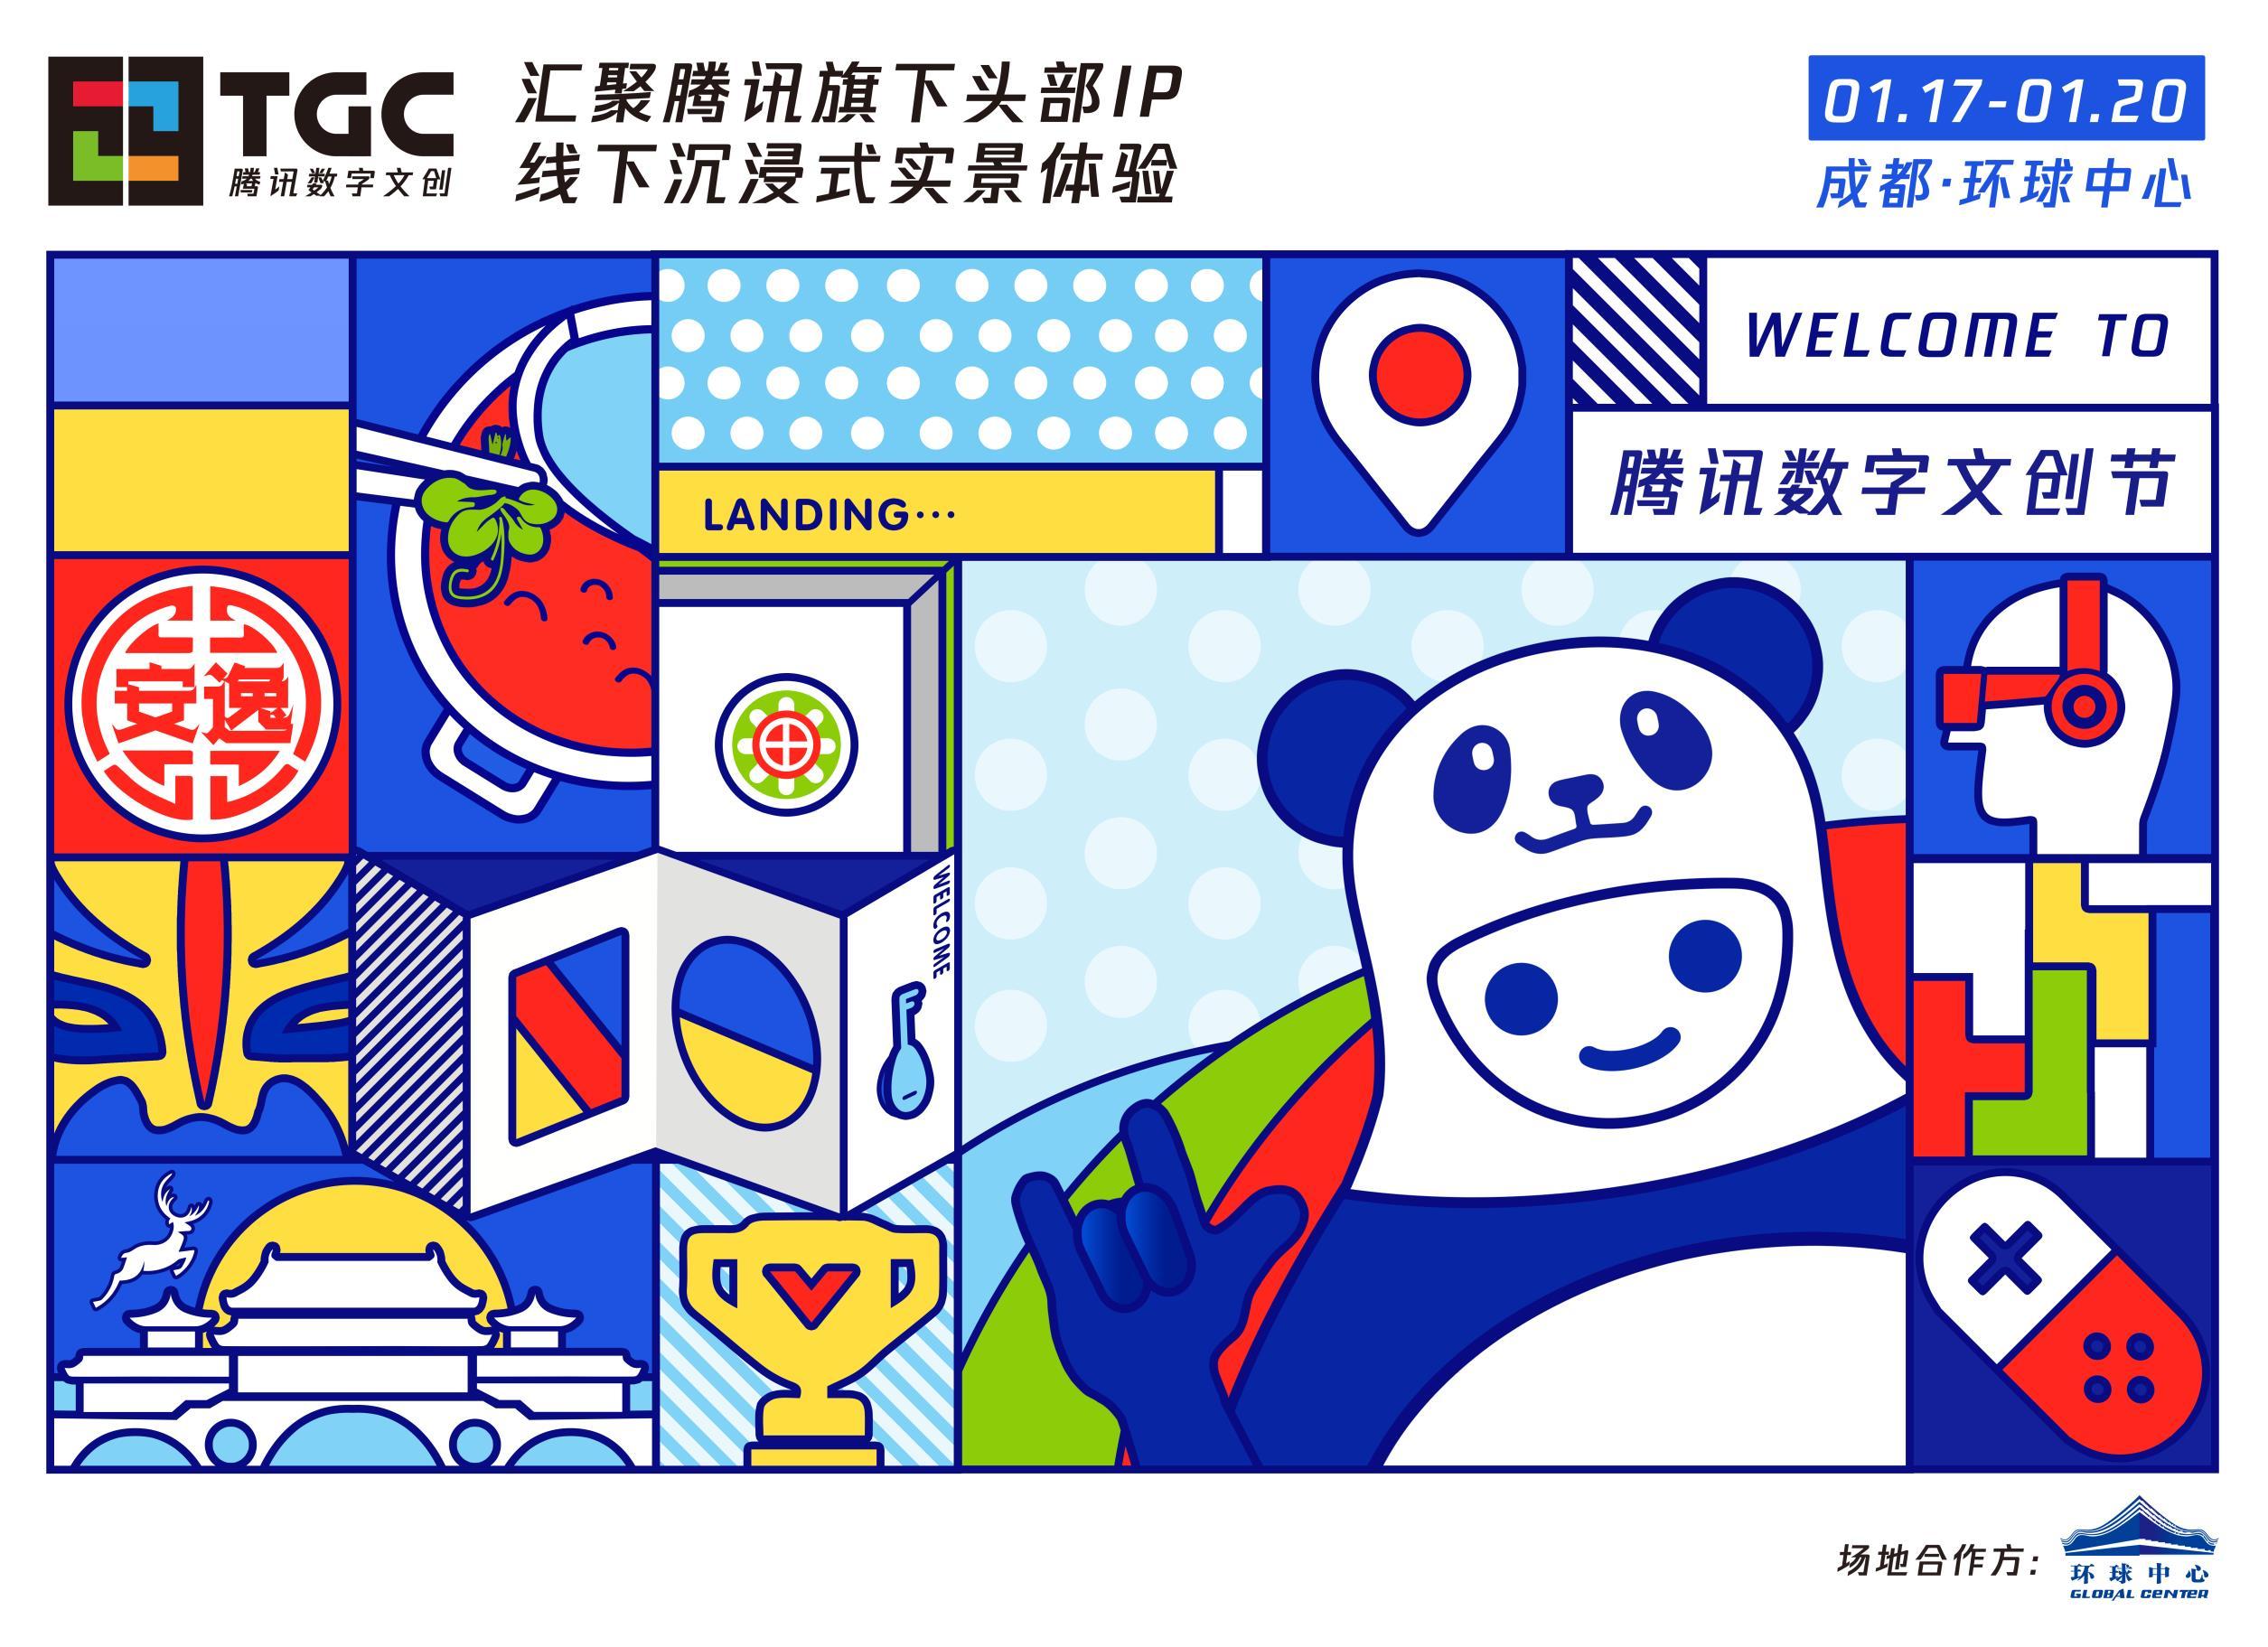 《狐妖小红娘》手游亮相TCG2019,数字文创赋能顶级国漫IP